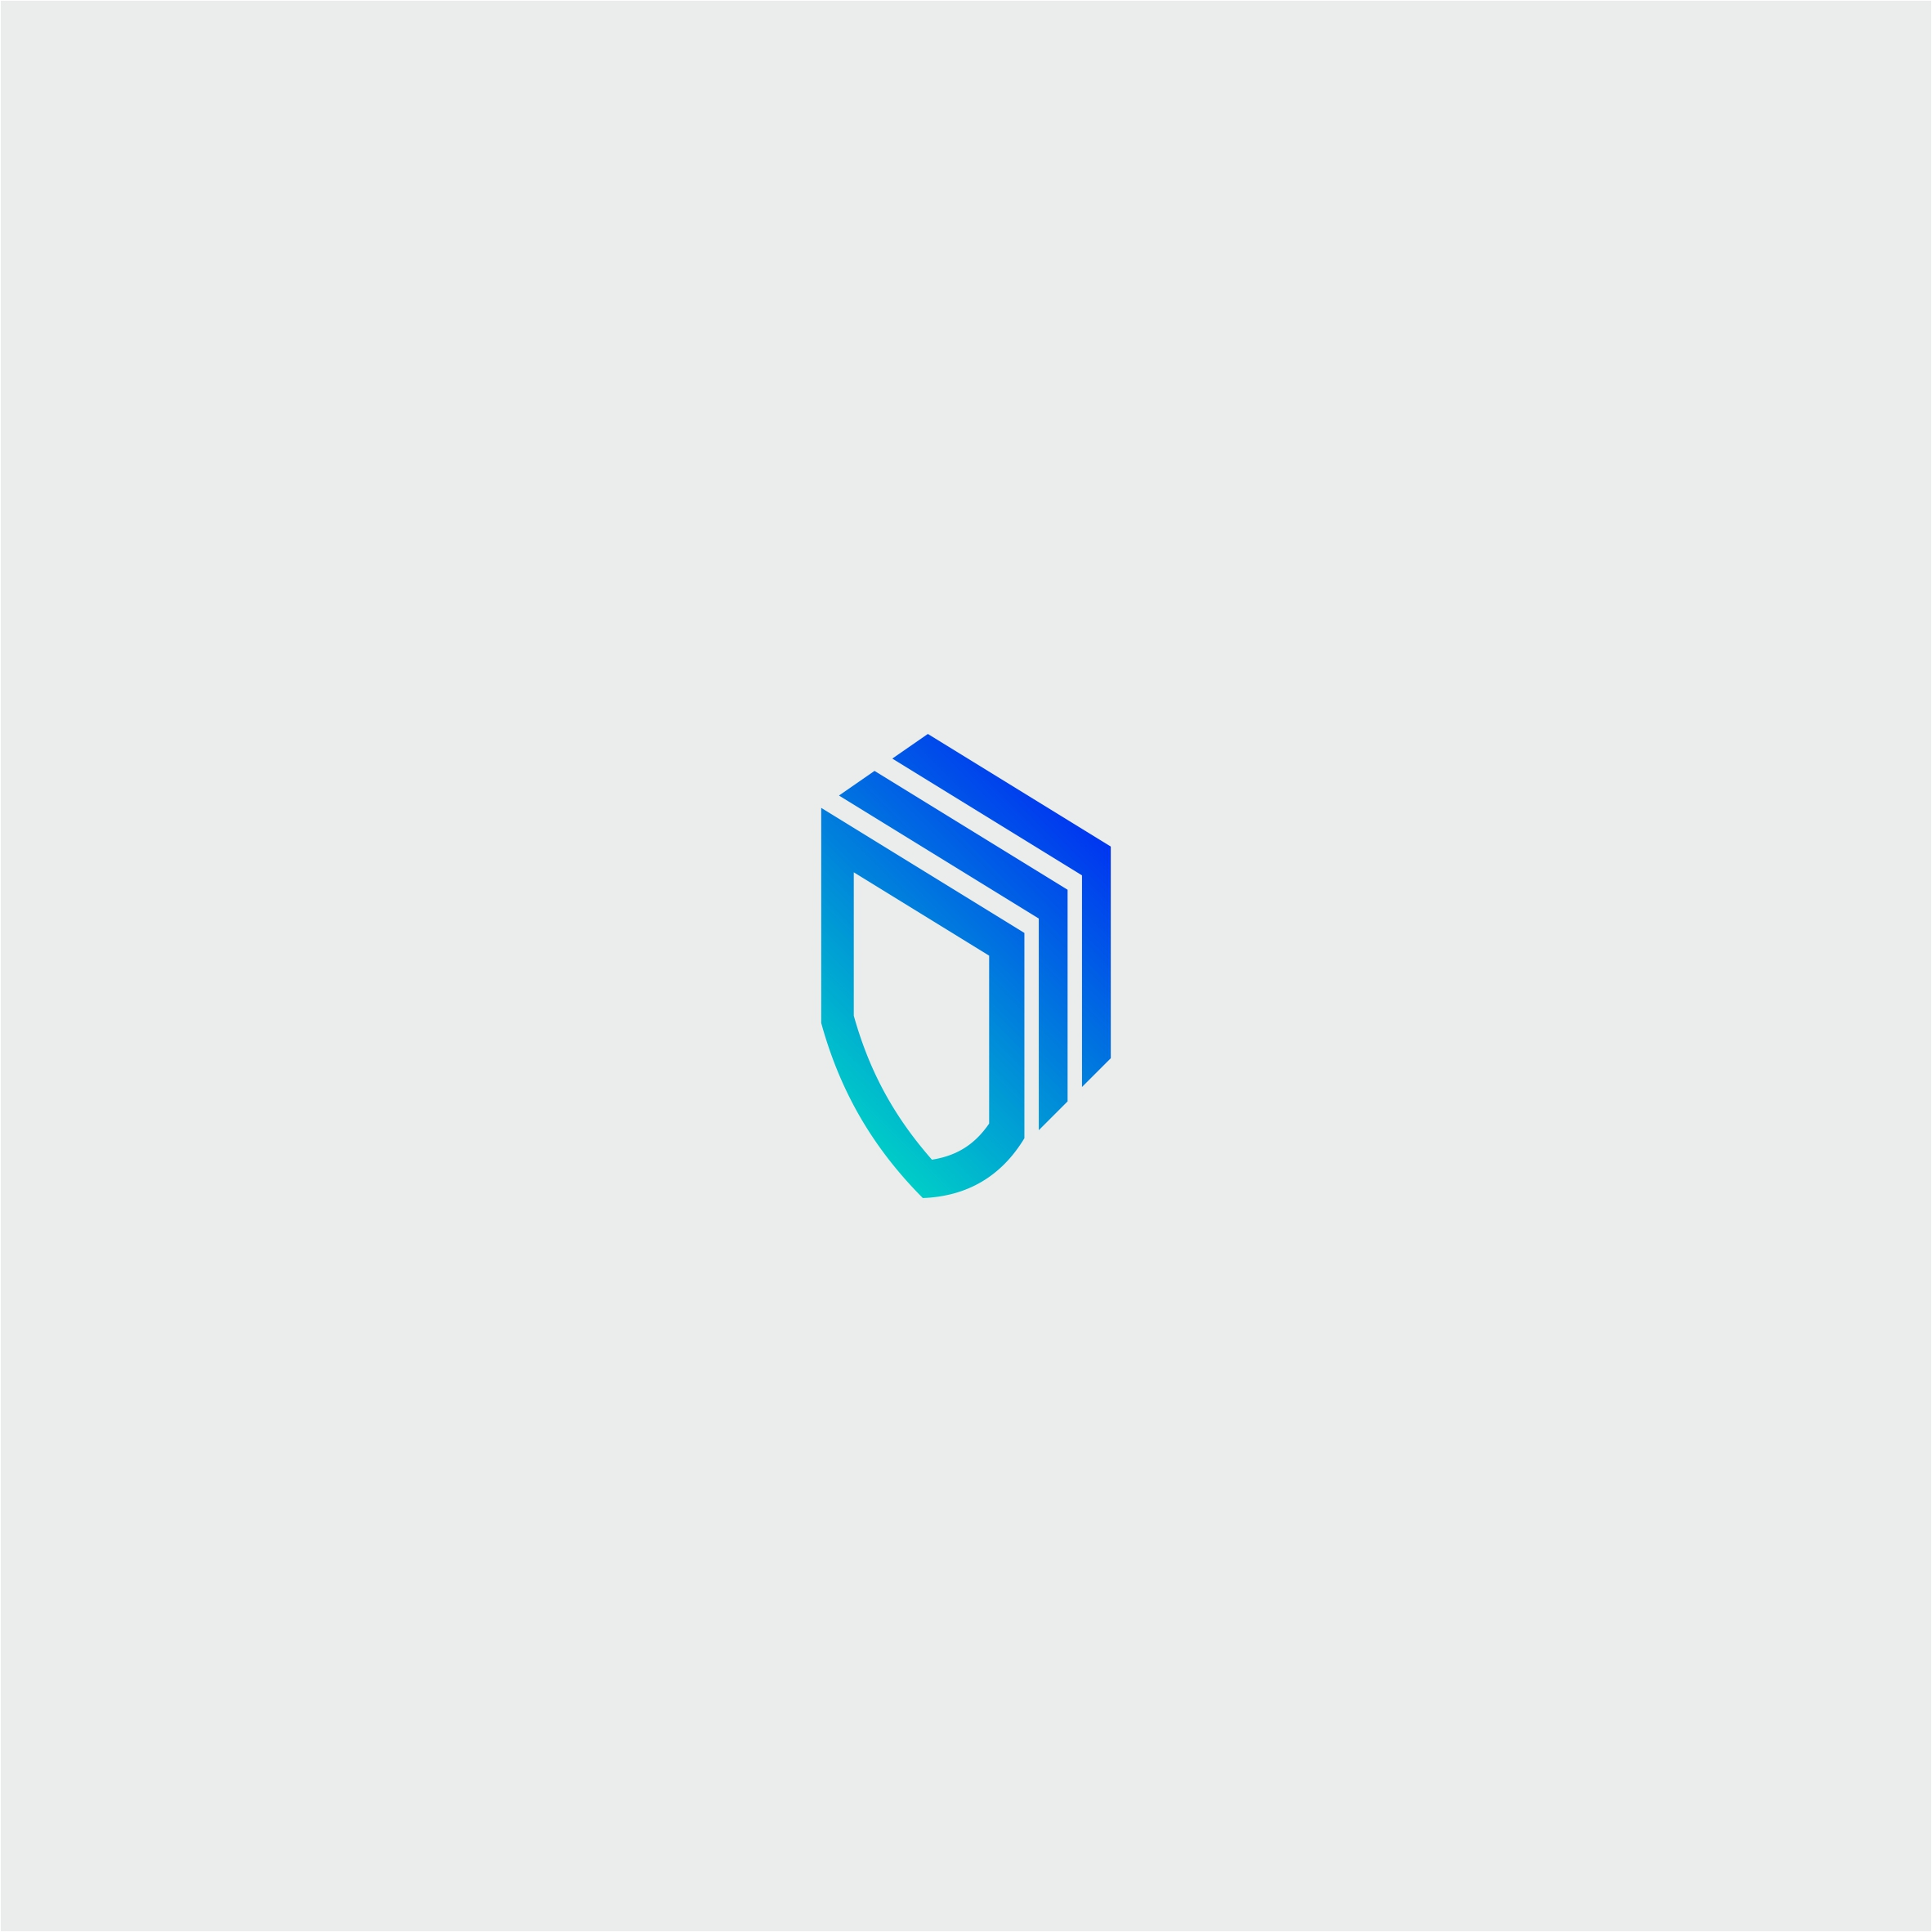 Логотип + Визитка Портала безопасных сделок фото f_7835360ee3fe6b92.jpg